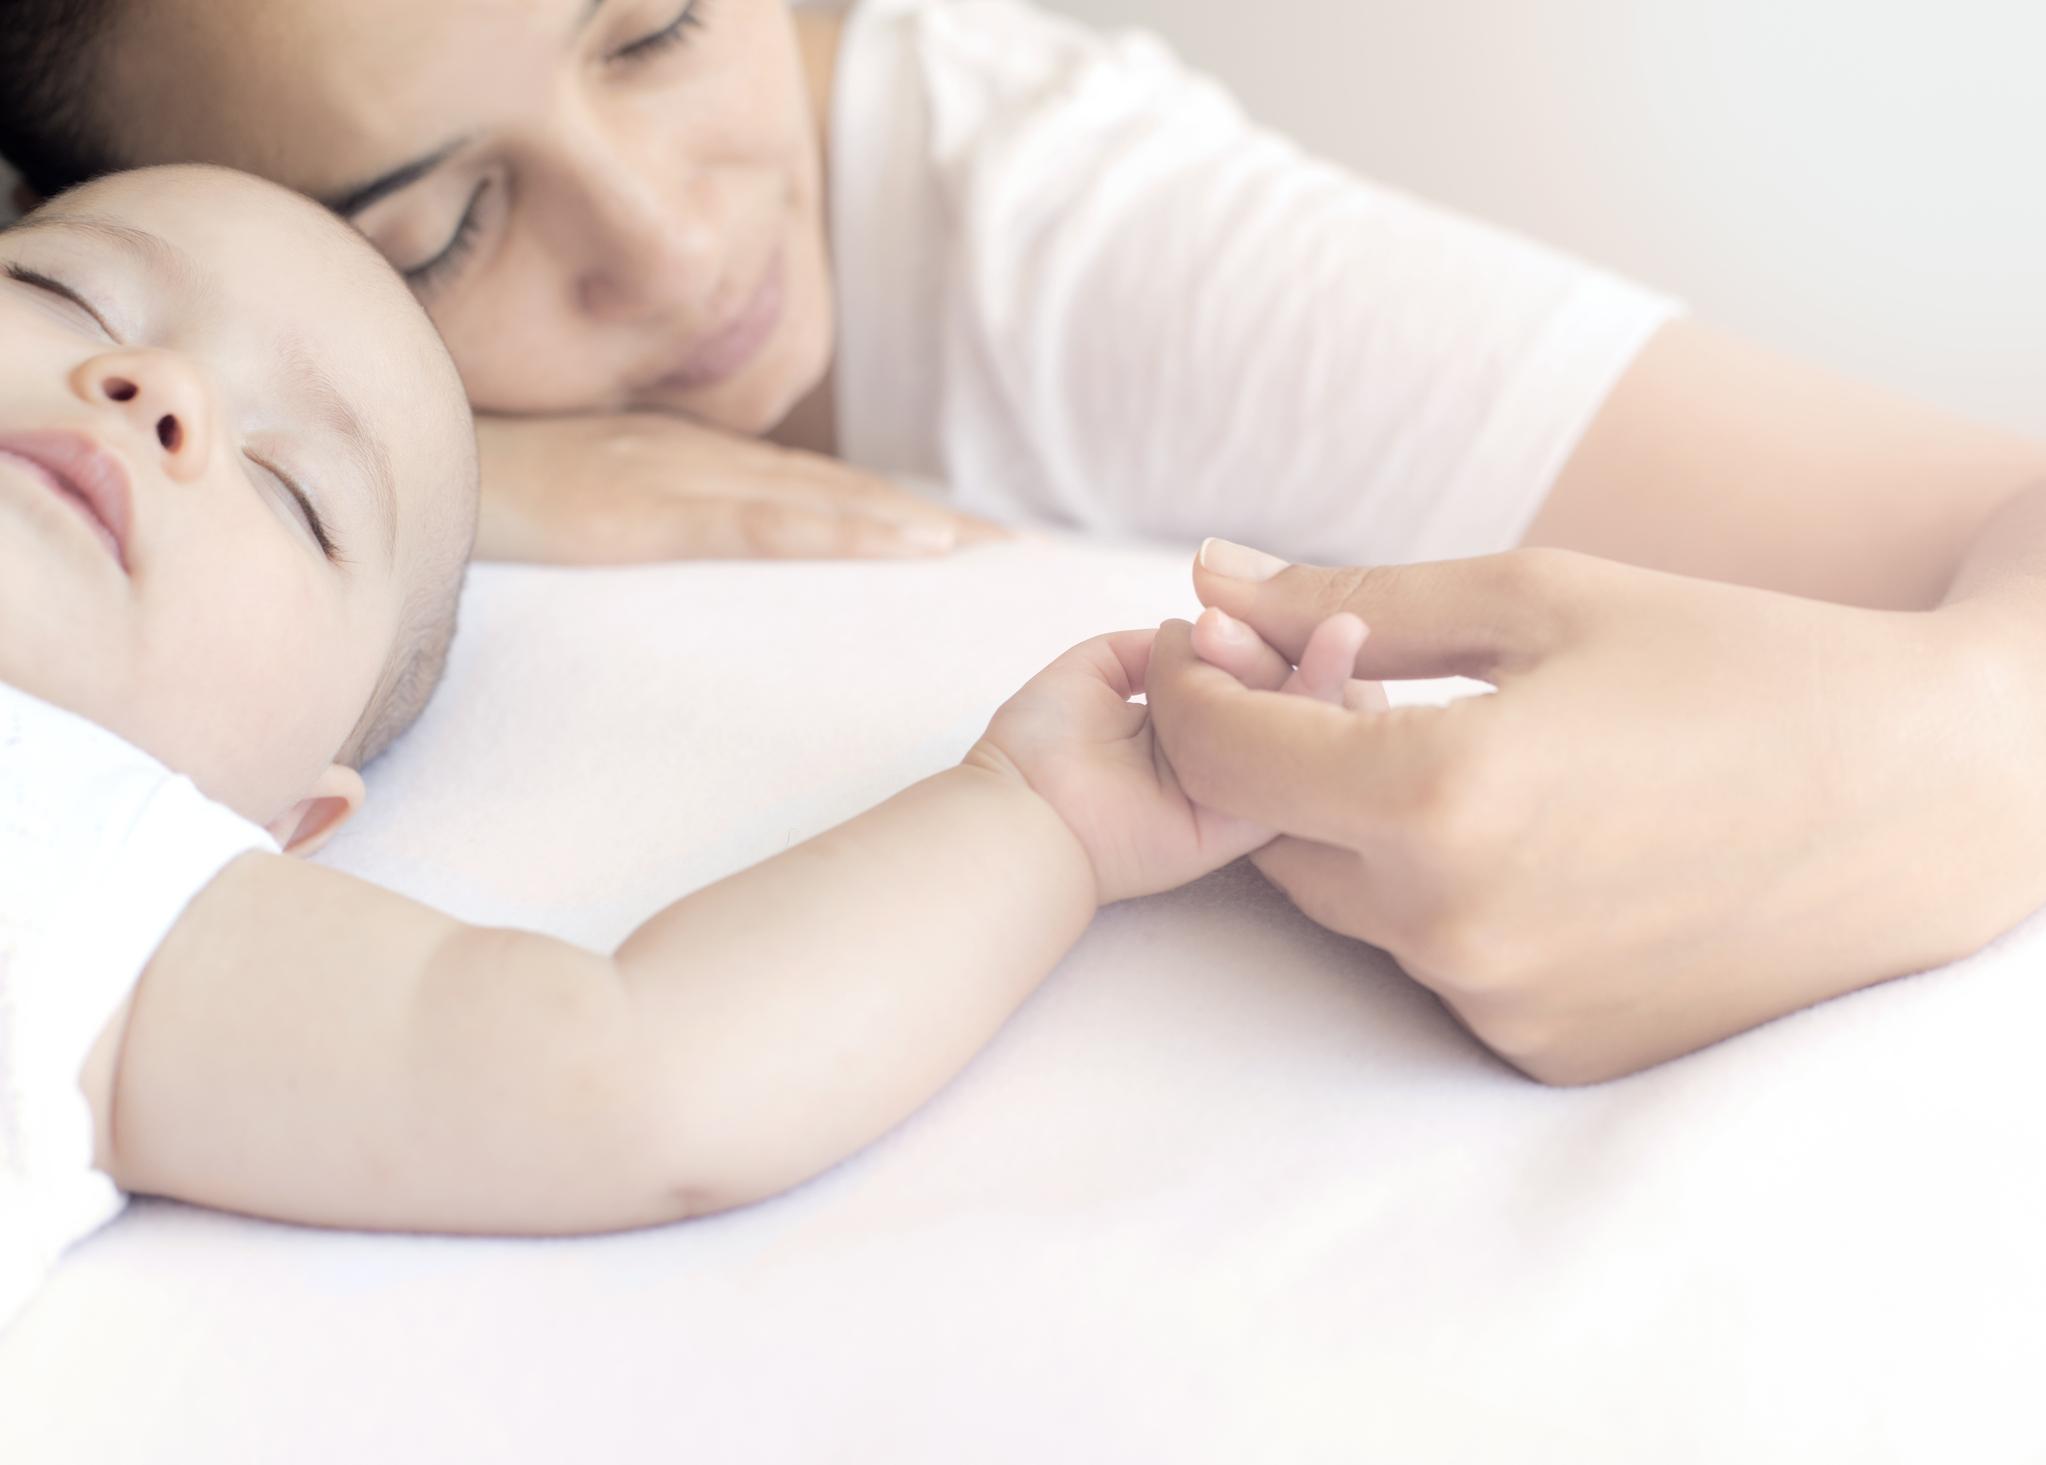 Cómo dormir al bebé: hora ideal, método, despertares nocturnos...